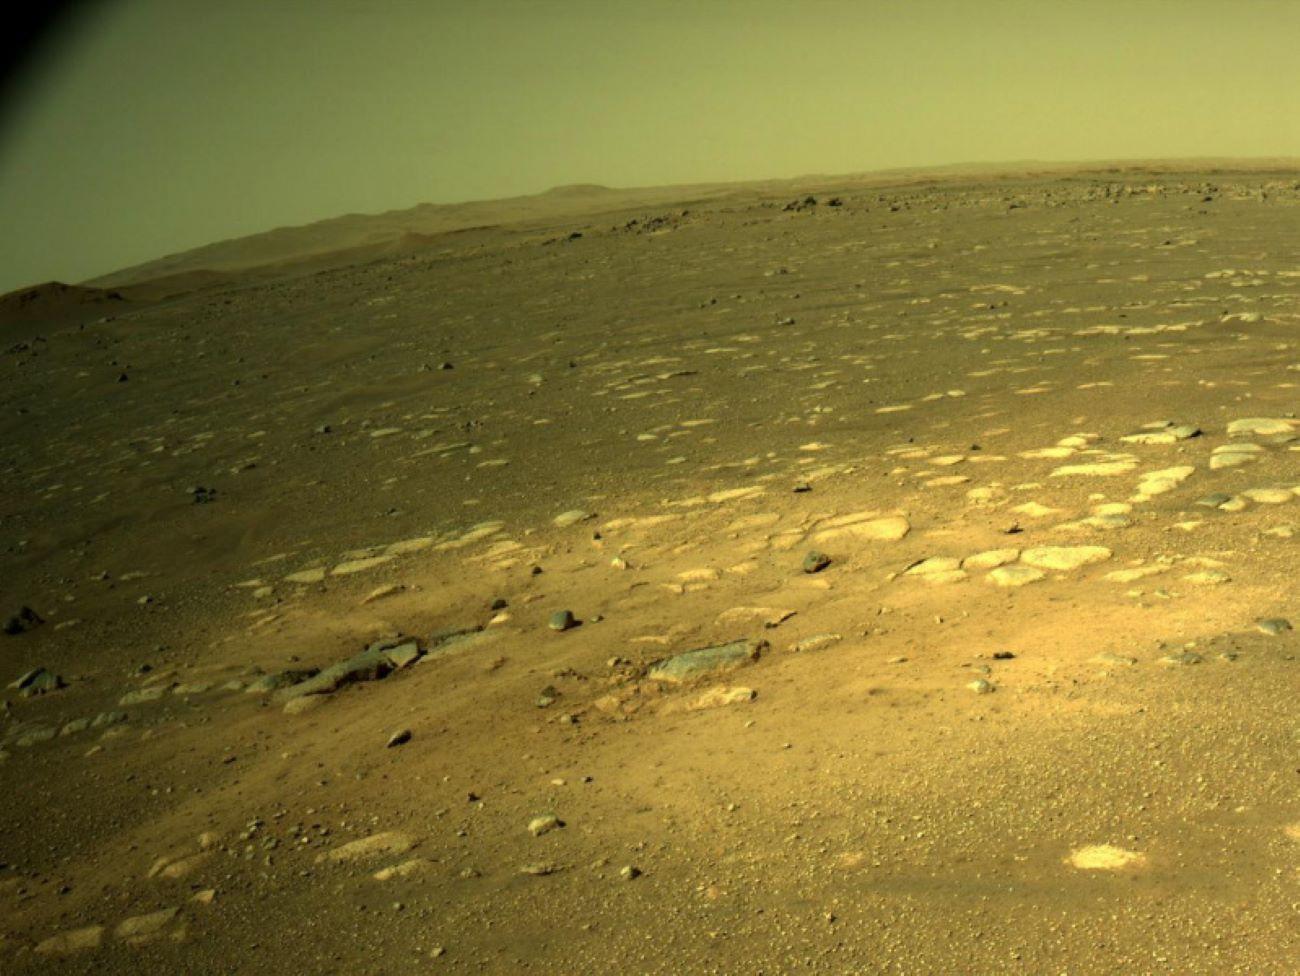 Марсоход Perseverance впервые после посадки проехал по поверхности планеты - фото 5